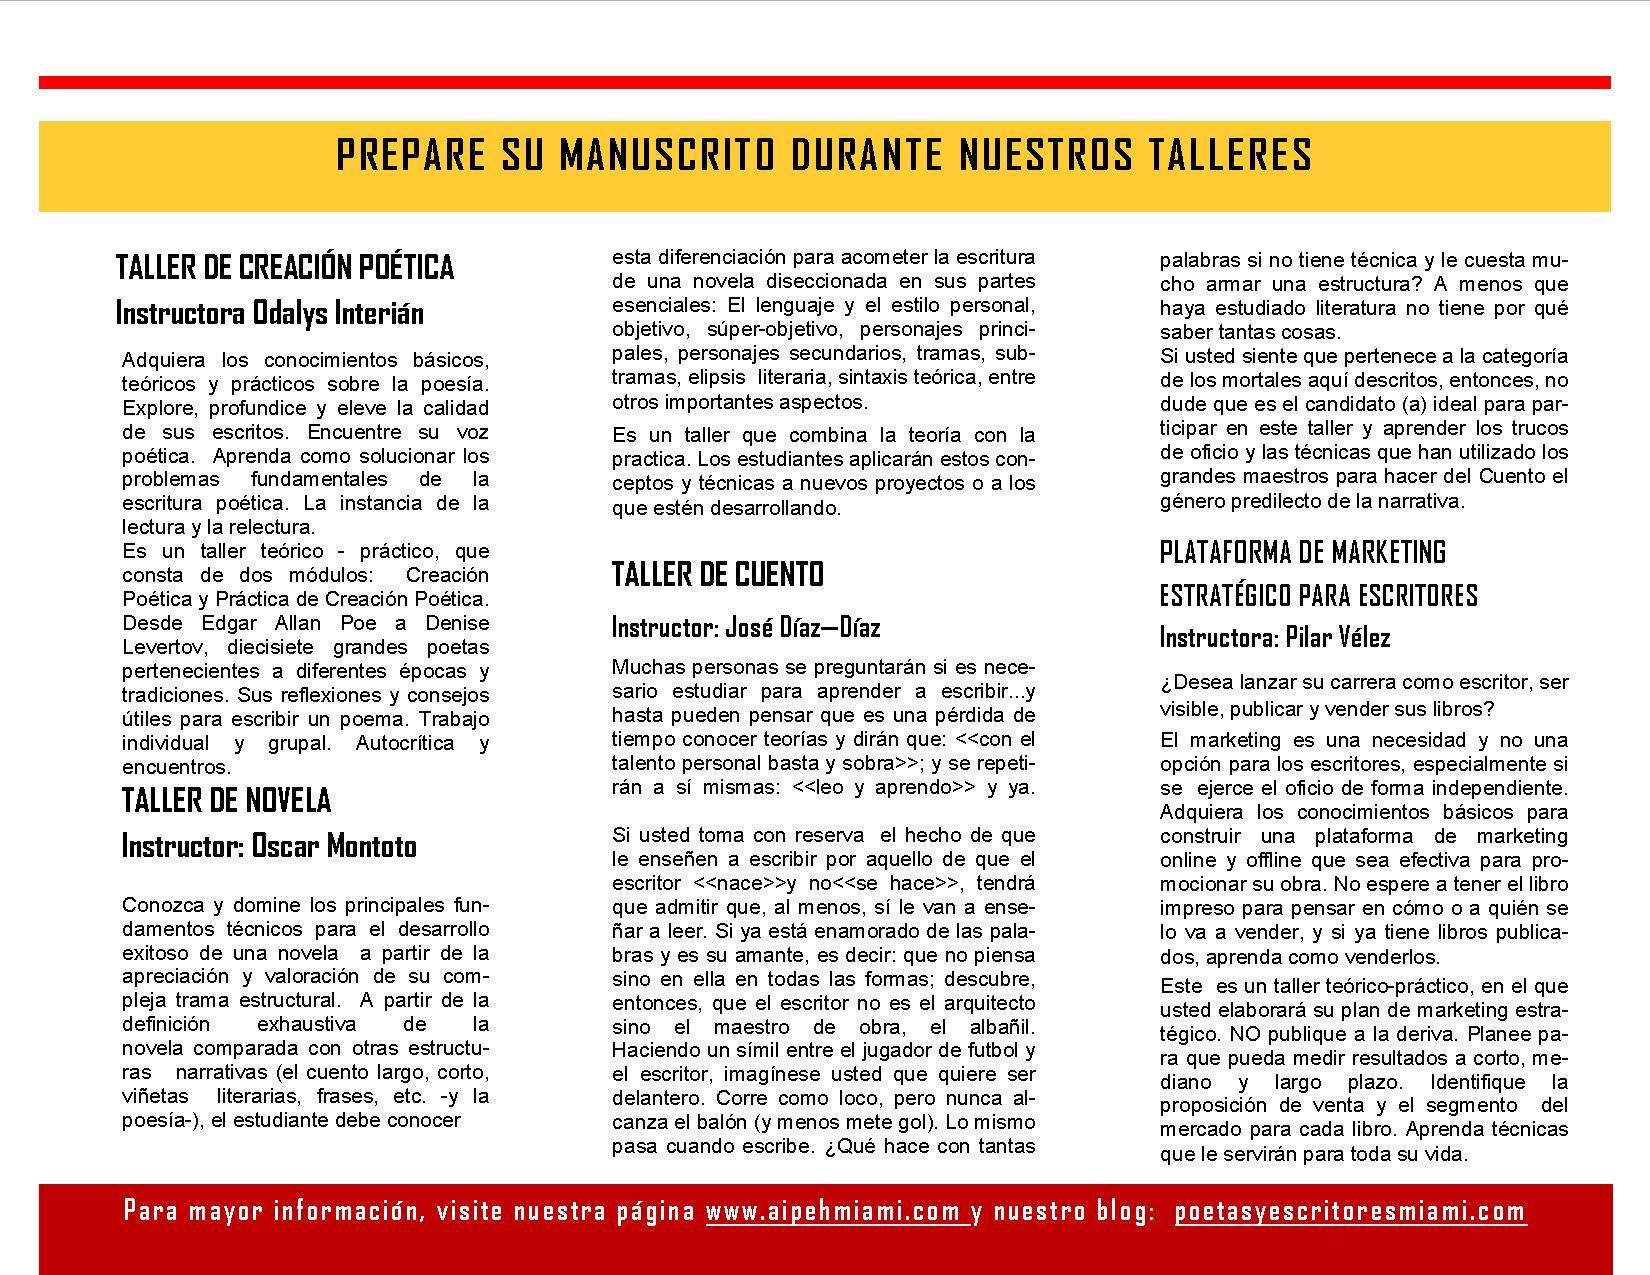 Brochure de talleres para la Feria del Libro 2014 - Descripción